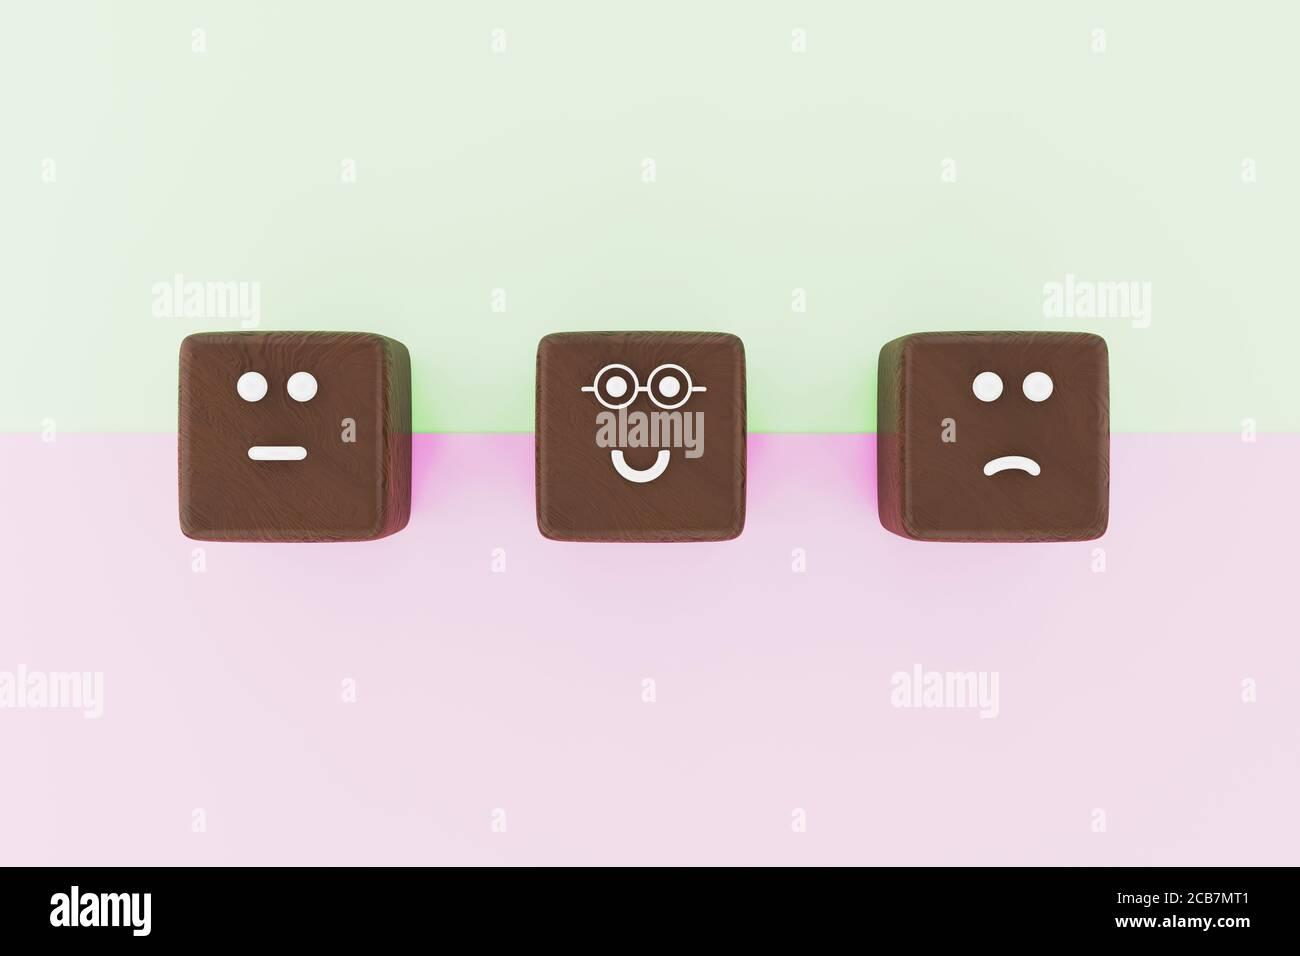 3D-Illustration von 3 Würfelform Gesicht Emoticons für eine Umfrage. Marketing- und Kundenzufriedenungskonzept. Hochwertige 3d-Illustration Stockfoto